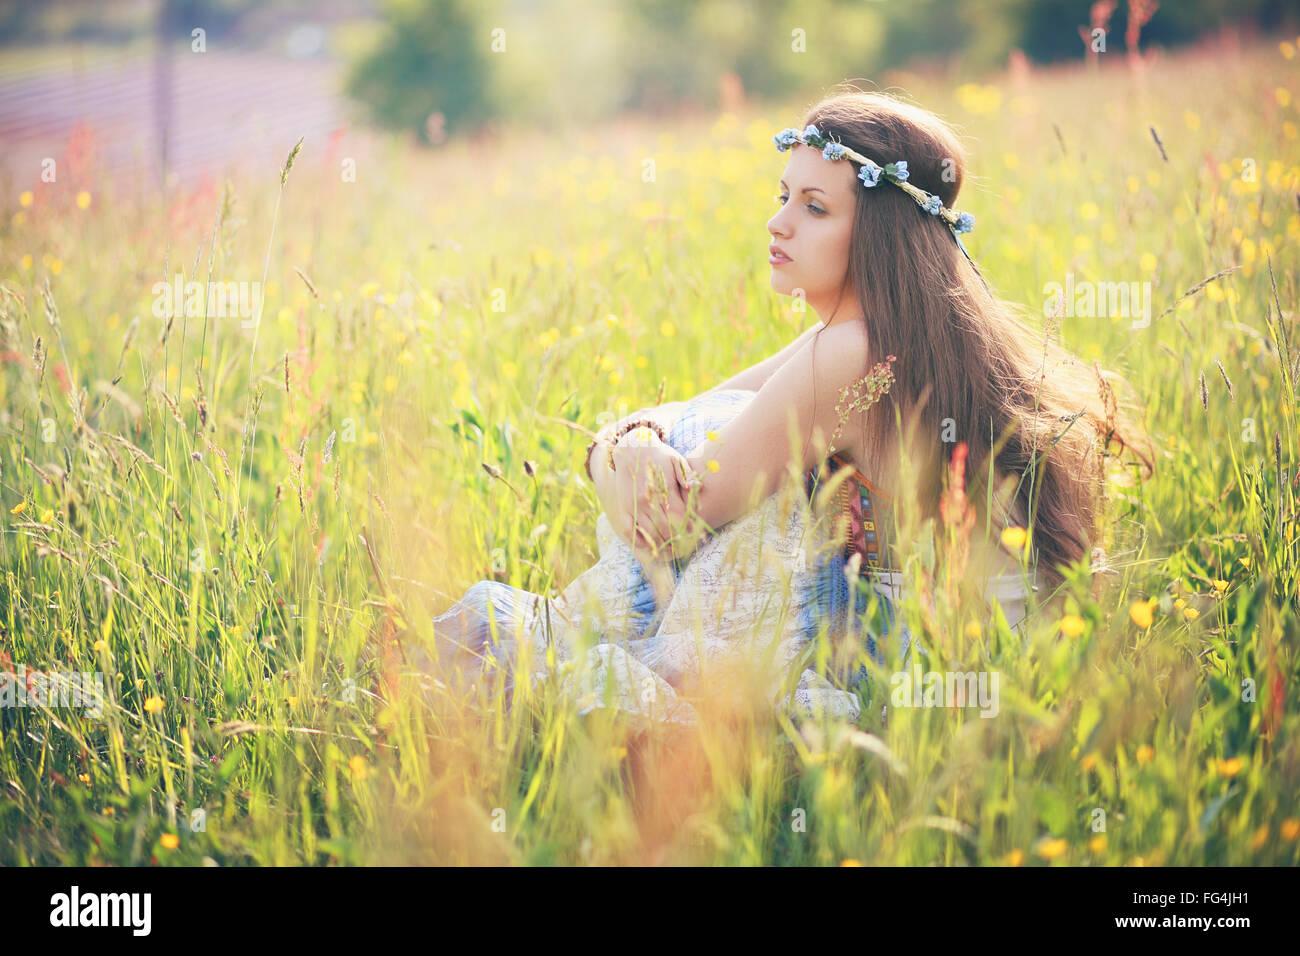 Mujer joven disfrutando de la primavera en el campo de flores . Vestido de hippie y gitano Imagen De Stock